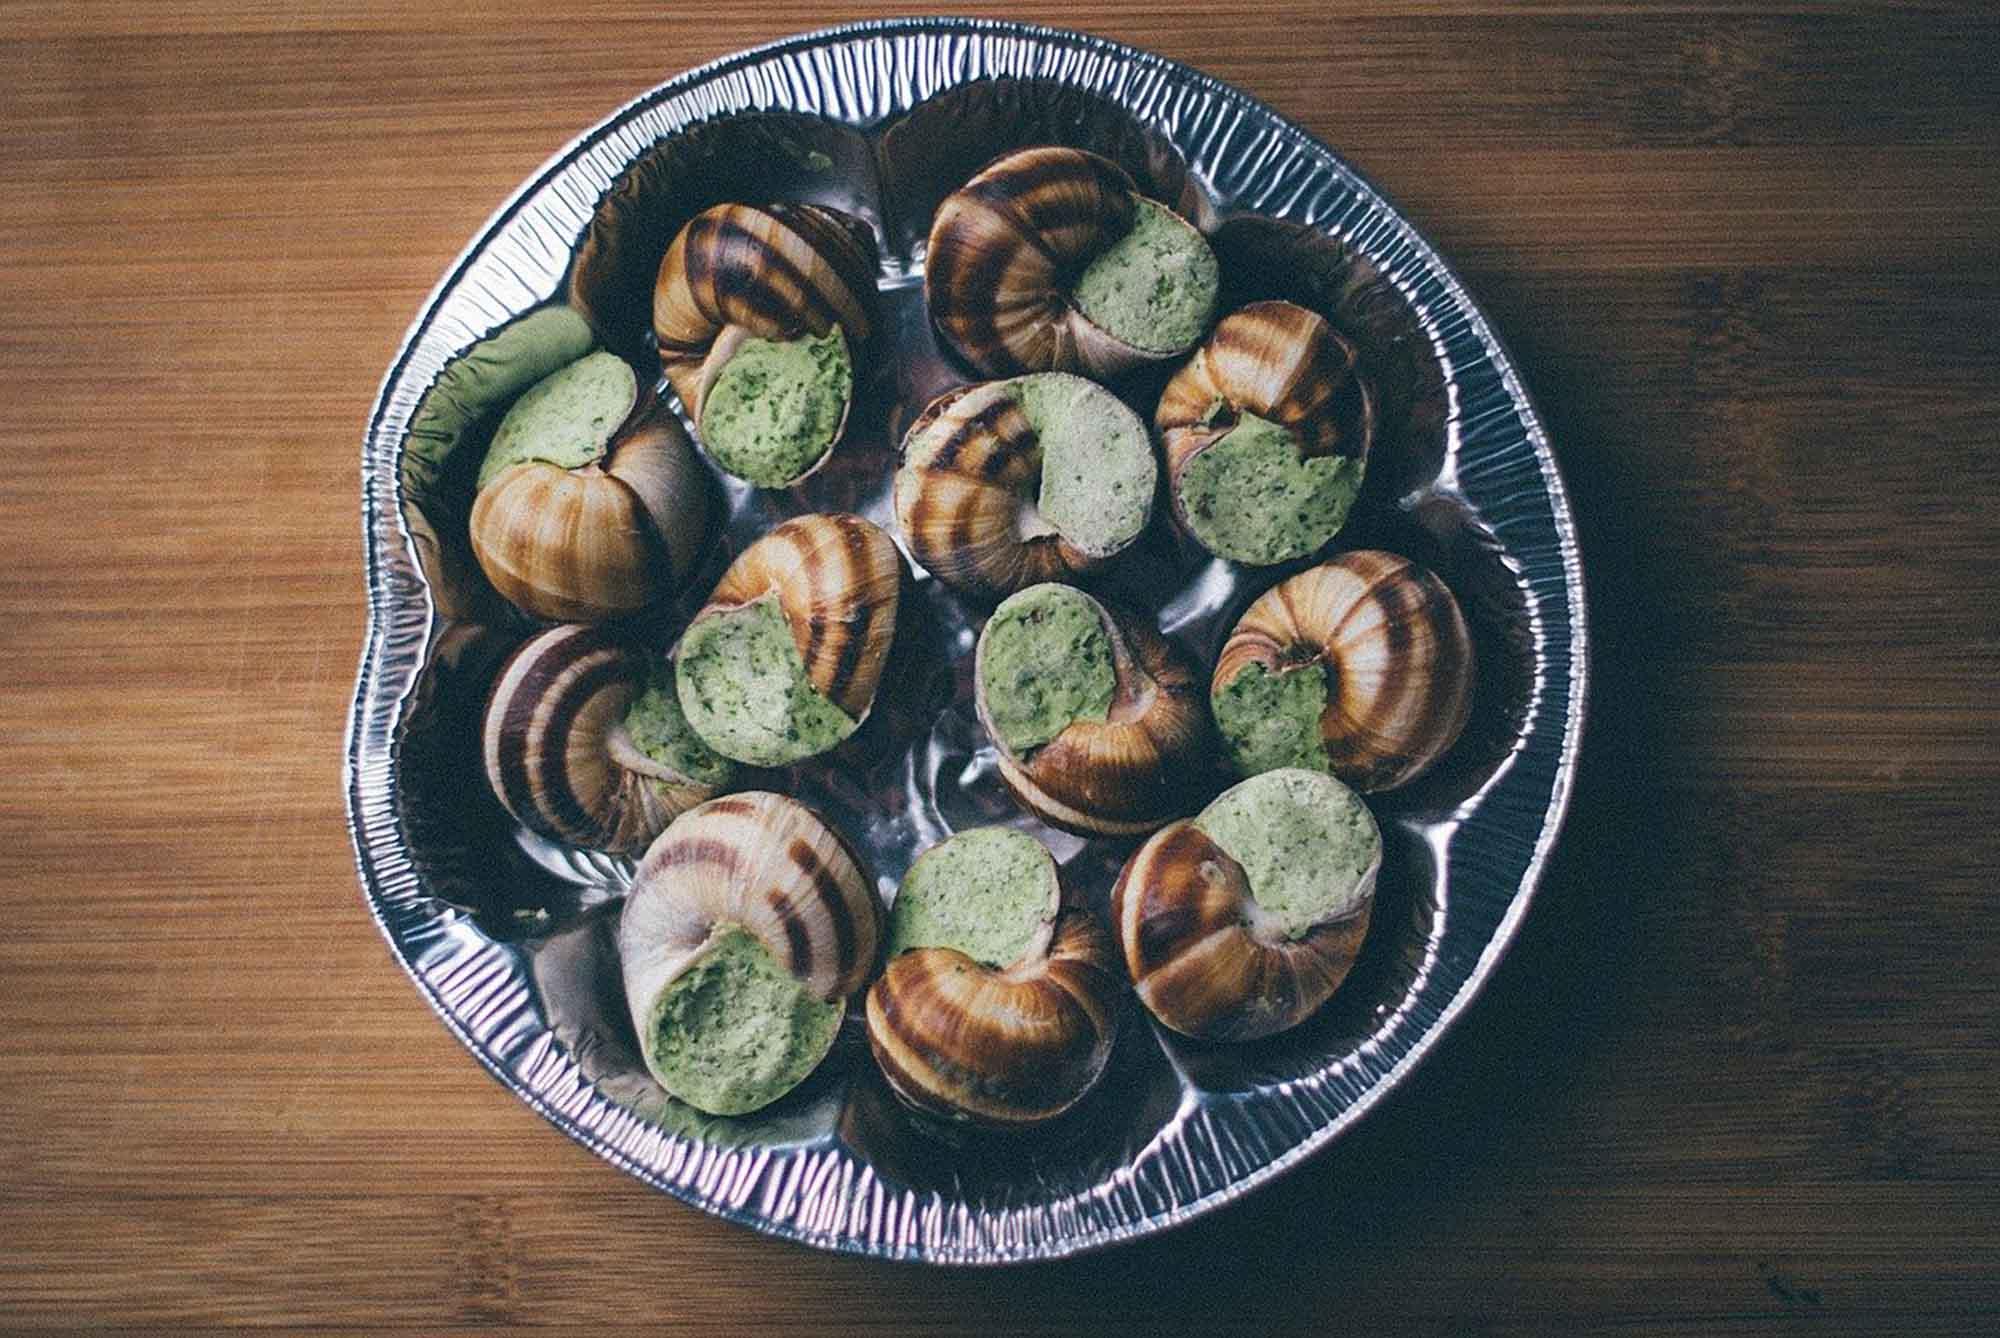 Os caracóis são considerados como iguarias em Portugal e em vários países. Também são bastante apreciados na França e Itália onde são chamados de escargots e lumache, respectivamente.